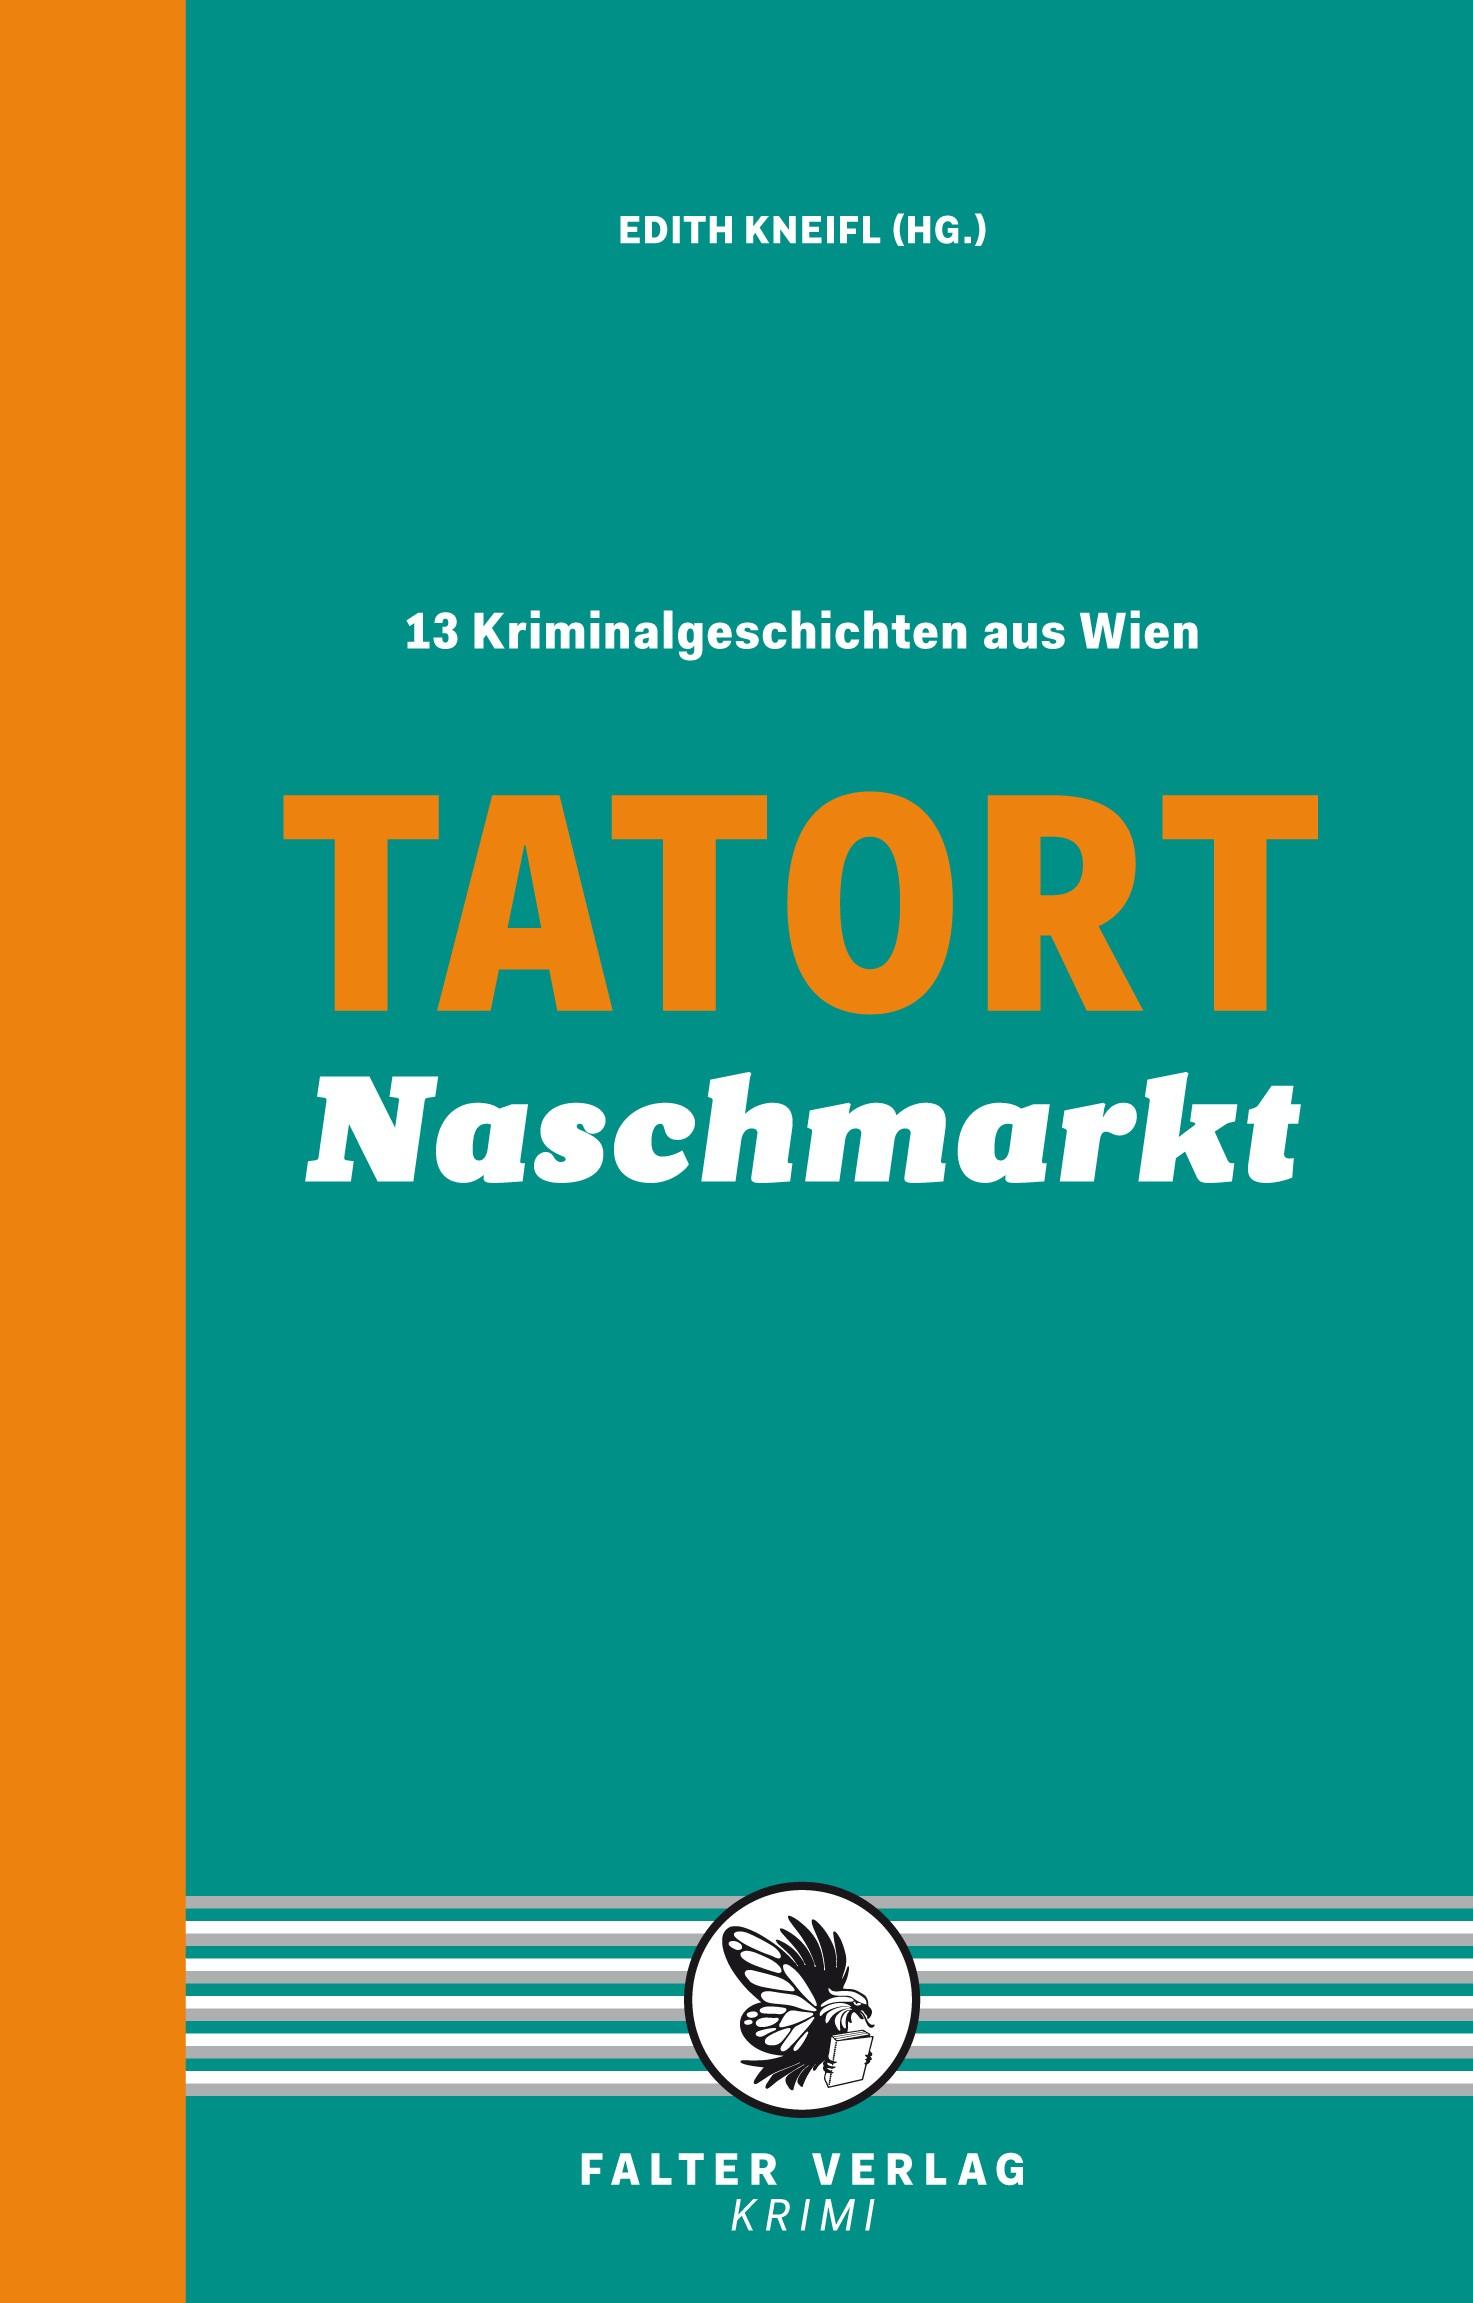 tatort_naschmarkt